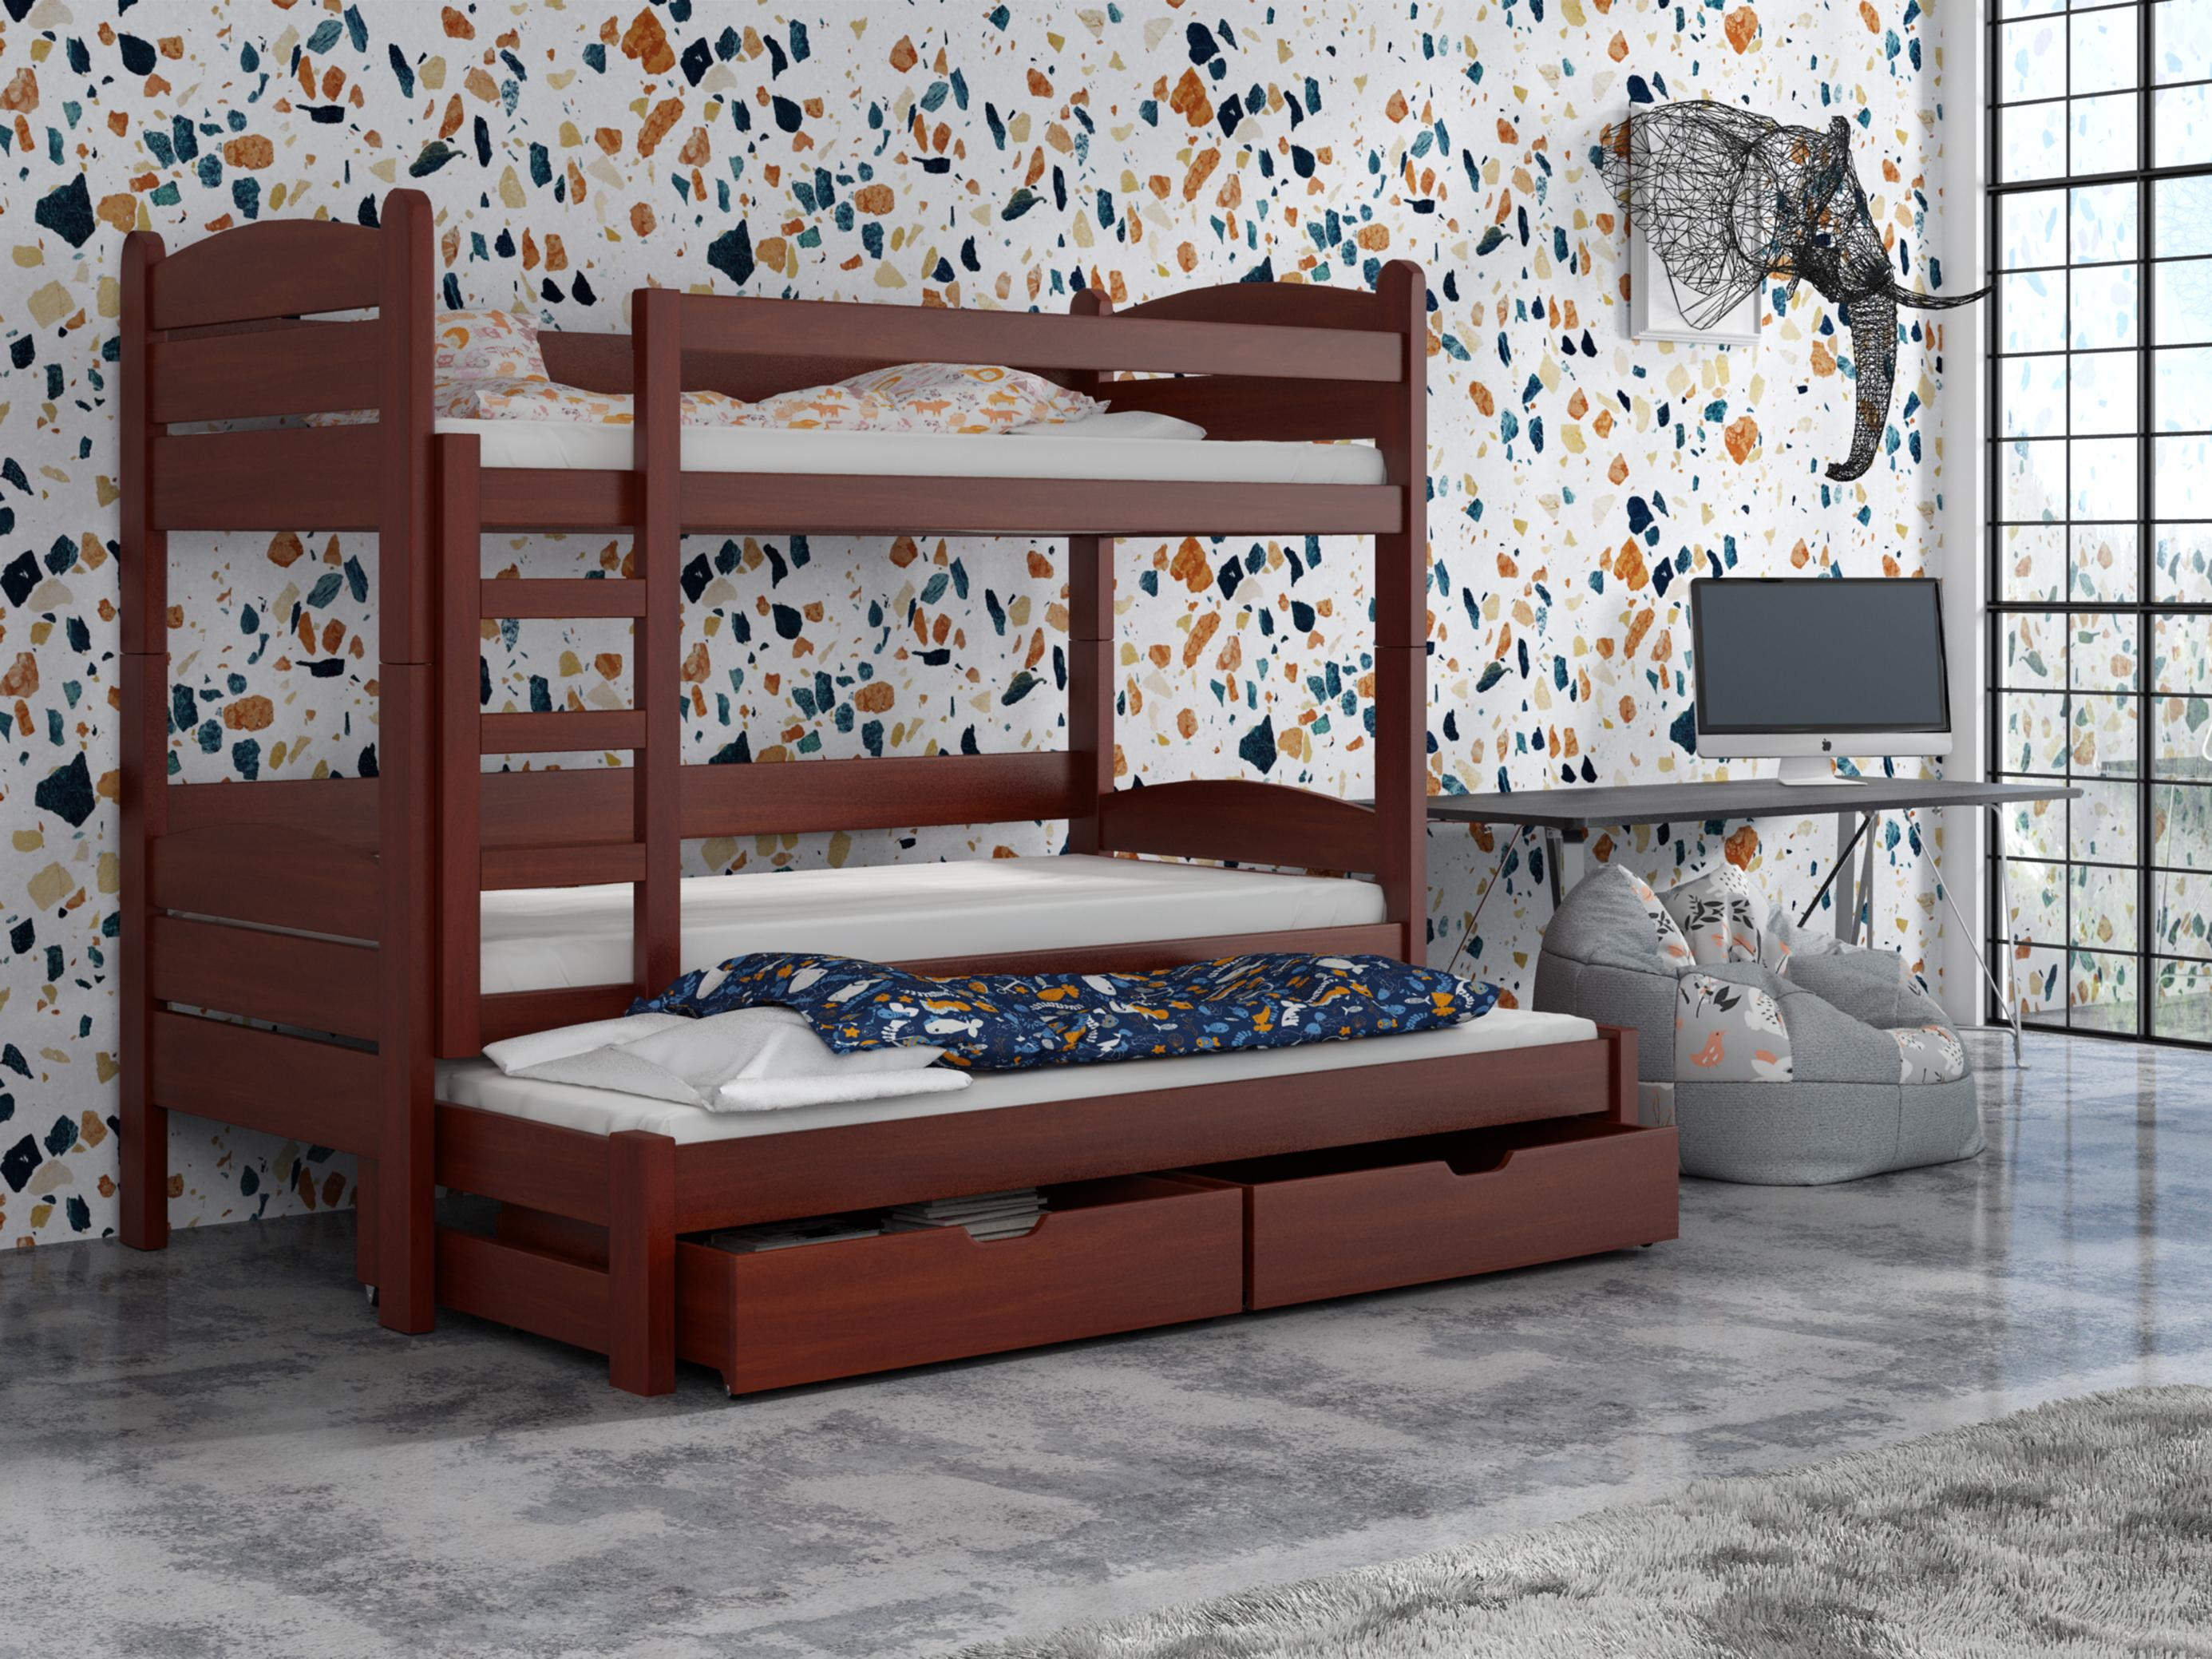 Detská poschodová posteľ 90 cm - Celsa (calvados). Akcia -33%. Vlastná spoľahlivá doprava až k Vám domov.